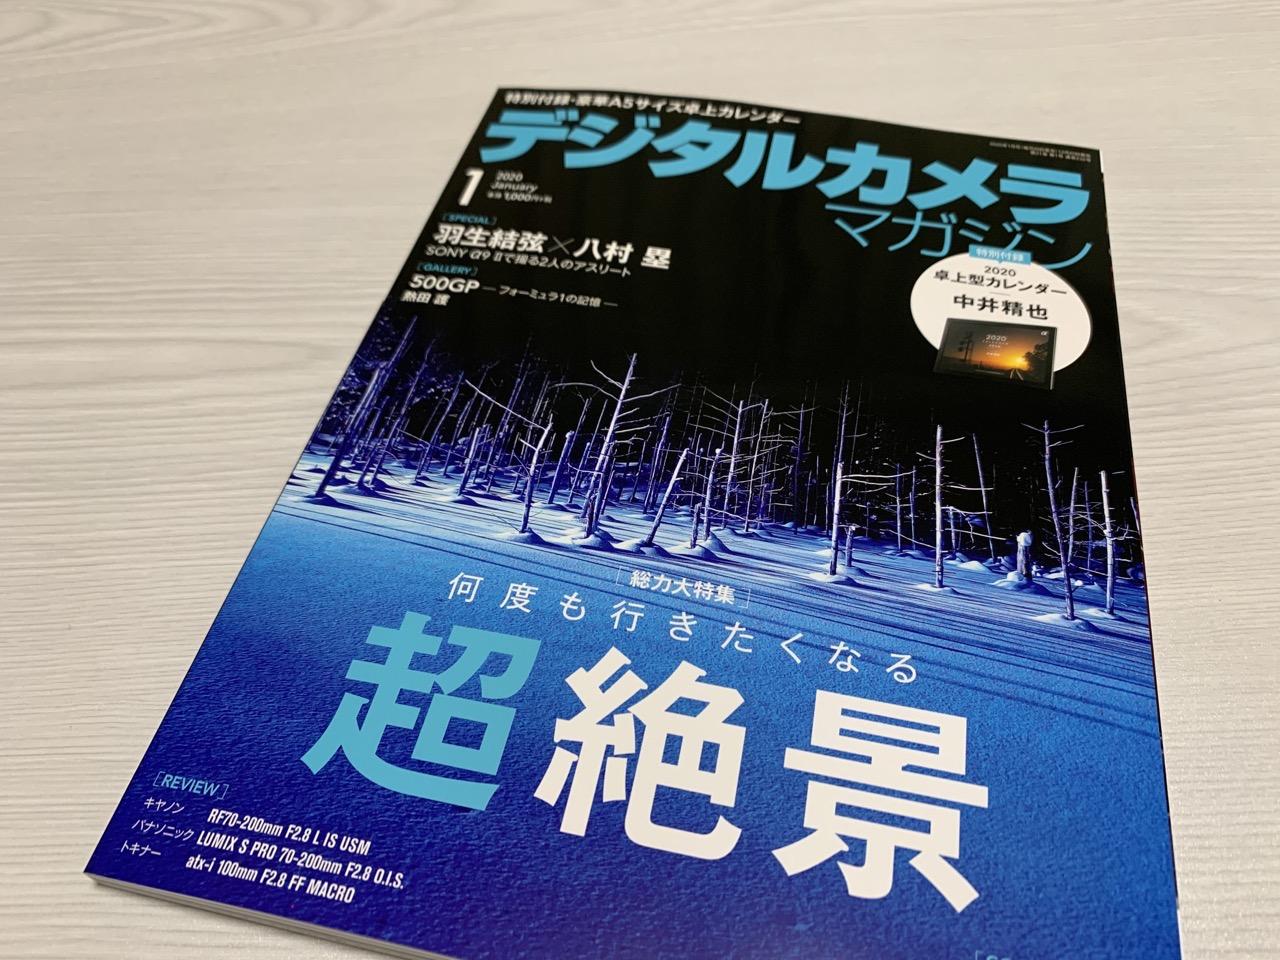 デジタルカメラマガジン1月号